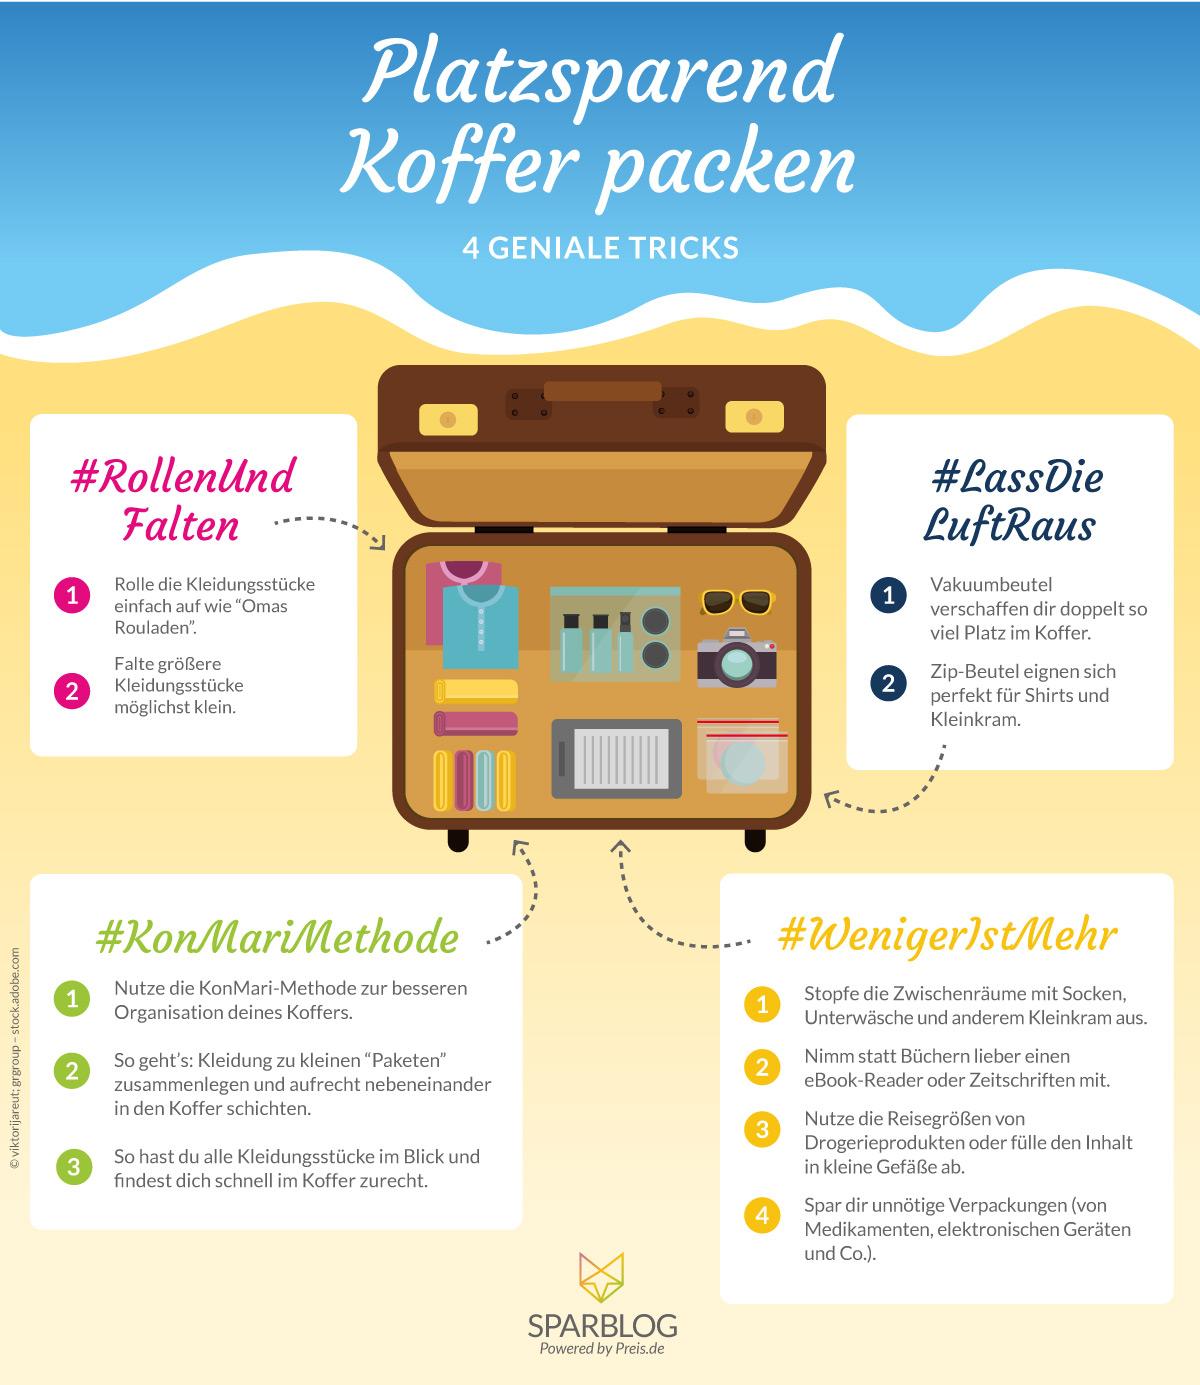 Koffer Richtig Platzsparend Packen Mit Infografik